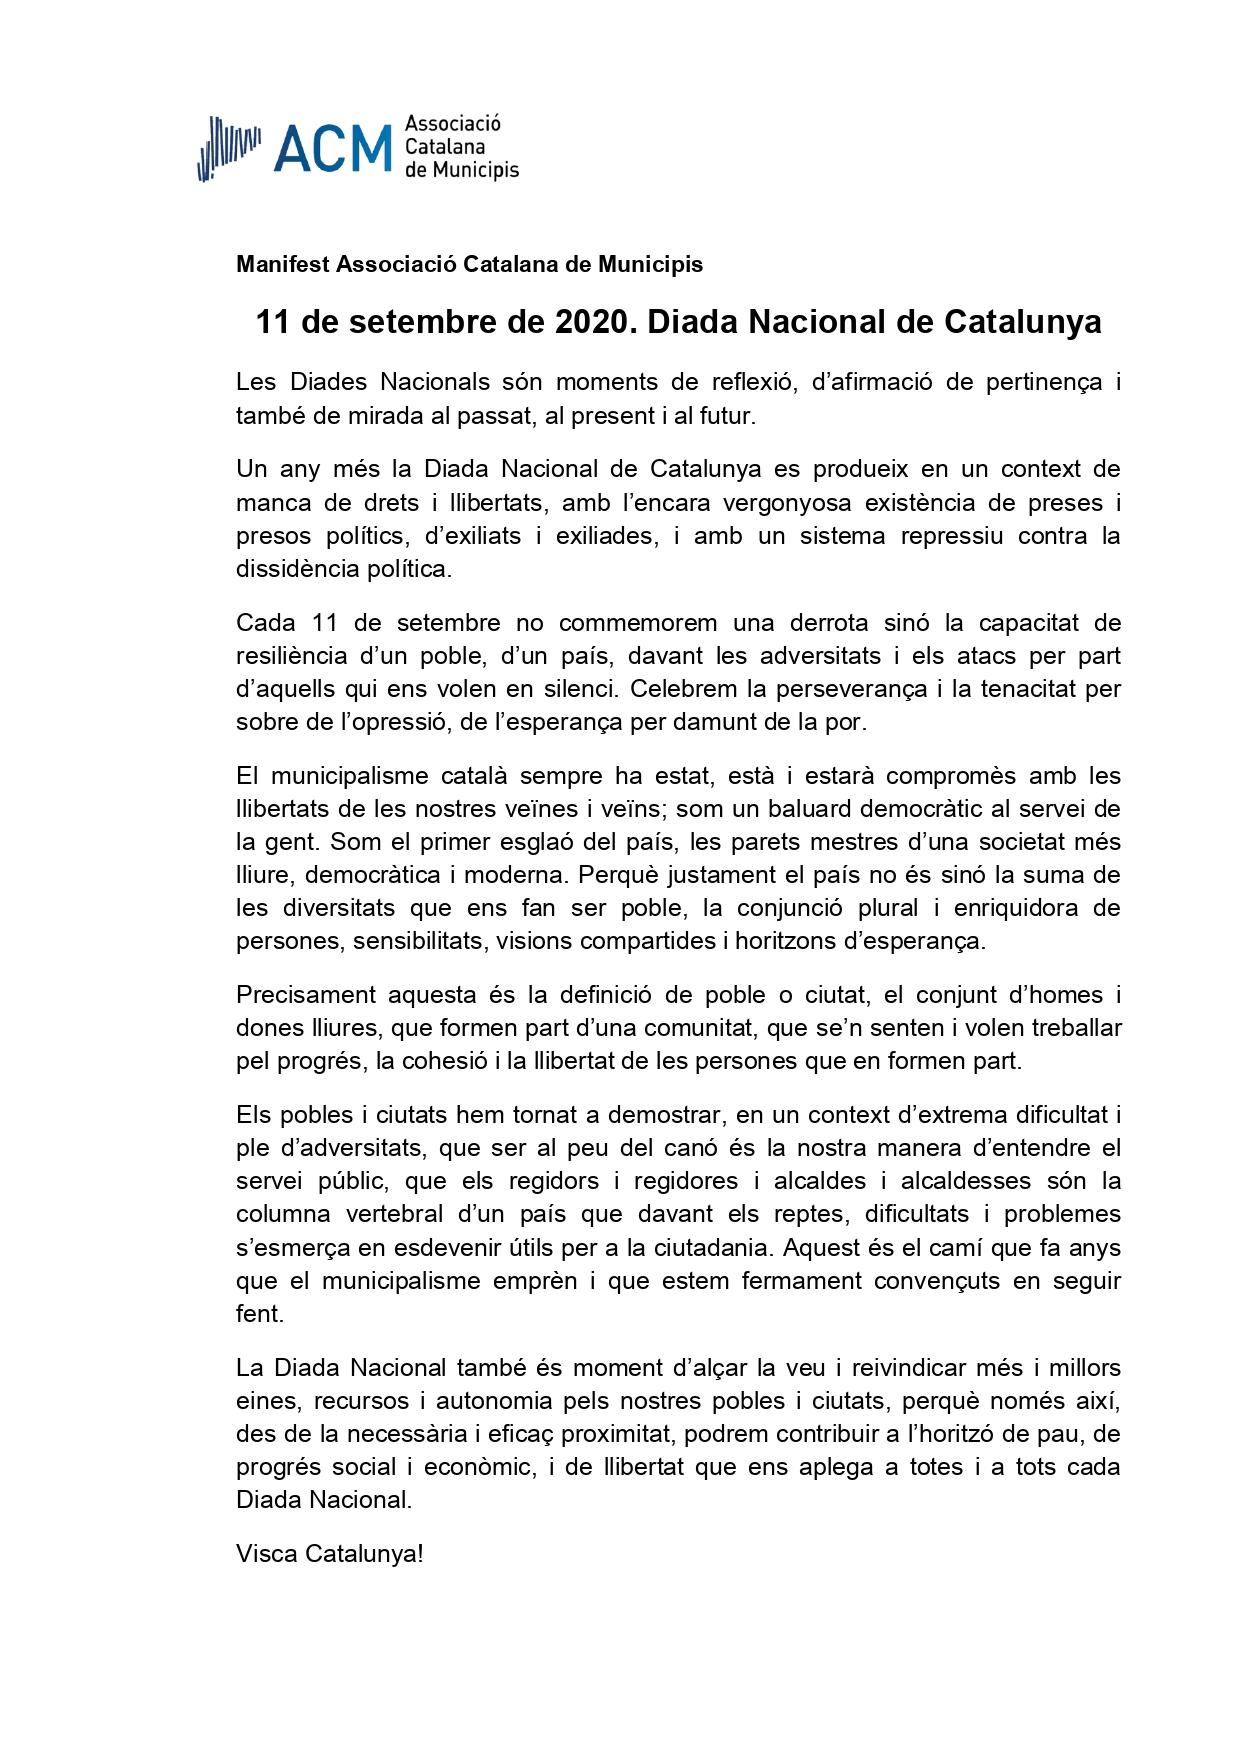 Manifest de l'11 de setembre – Diada Nacional de Catalunya – de l'Associació Catalana de Municipis